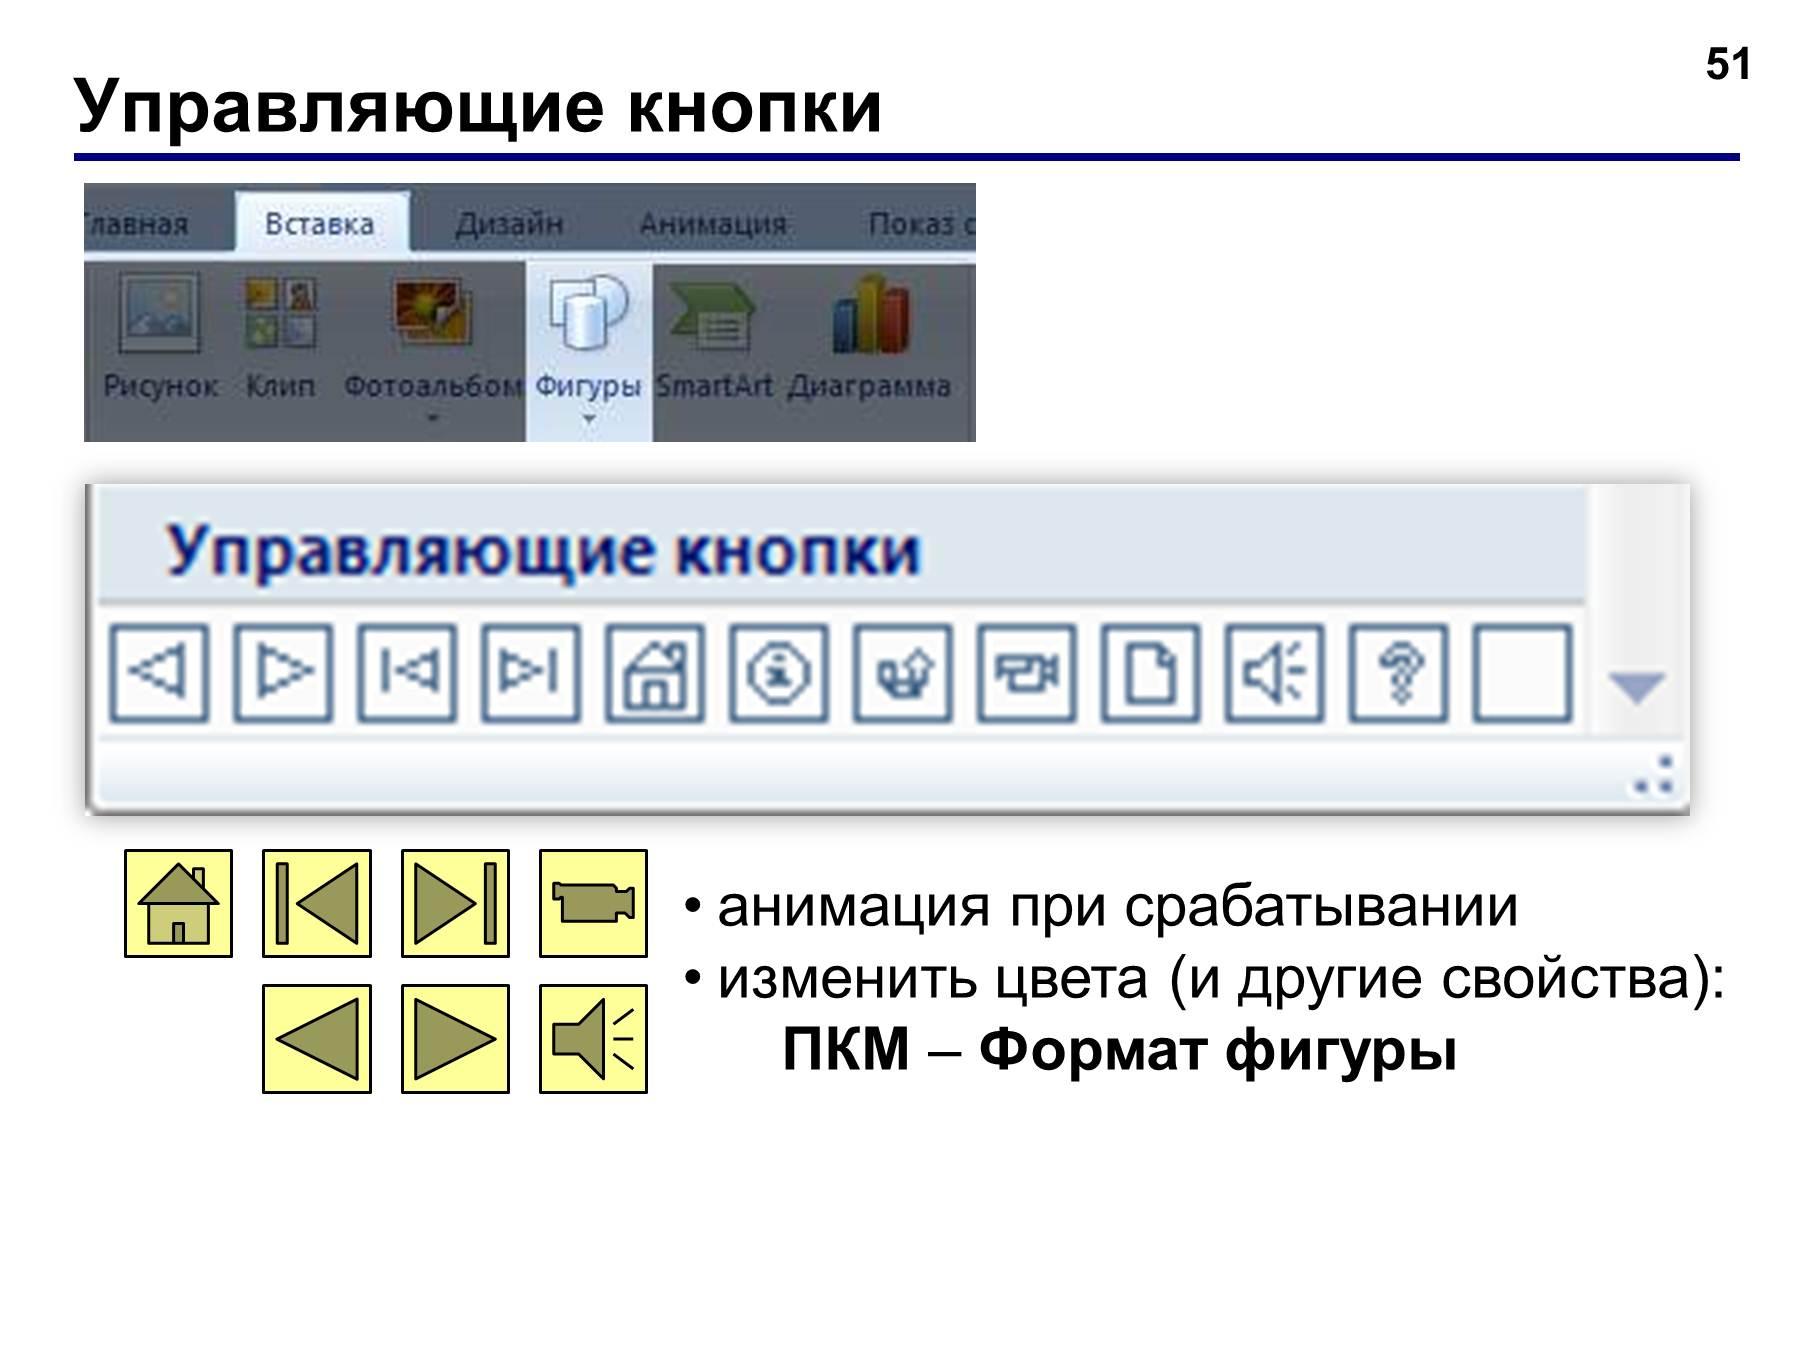 Как сделать управляющие кнопки